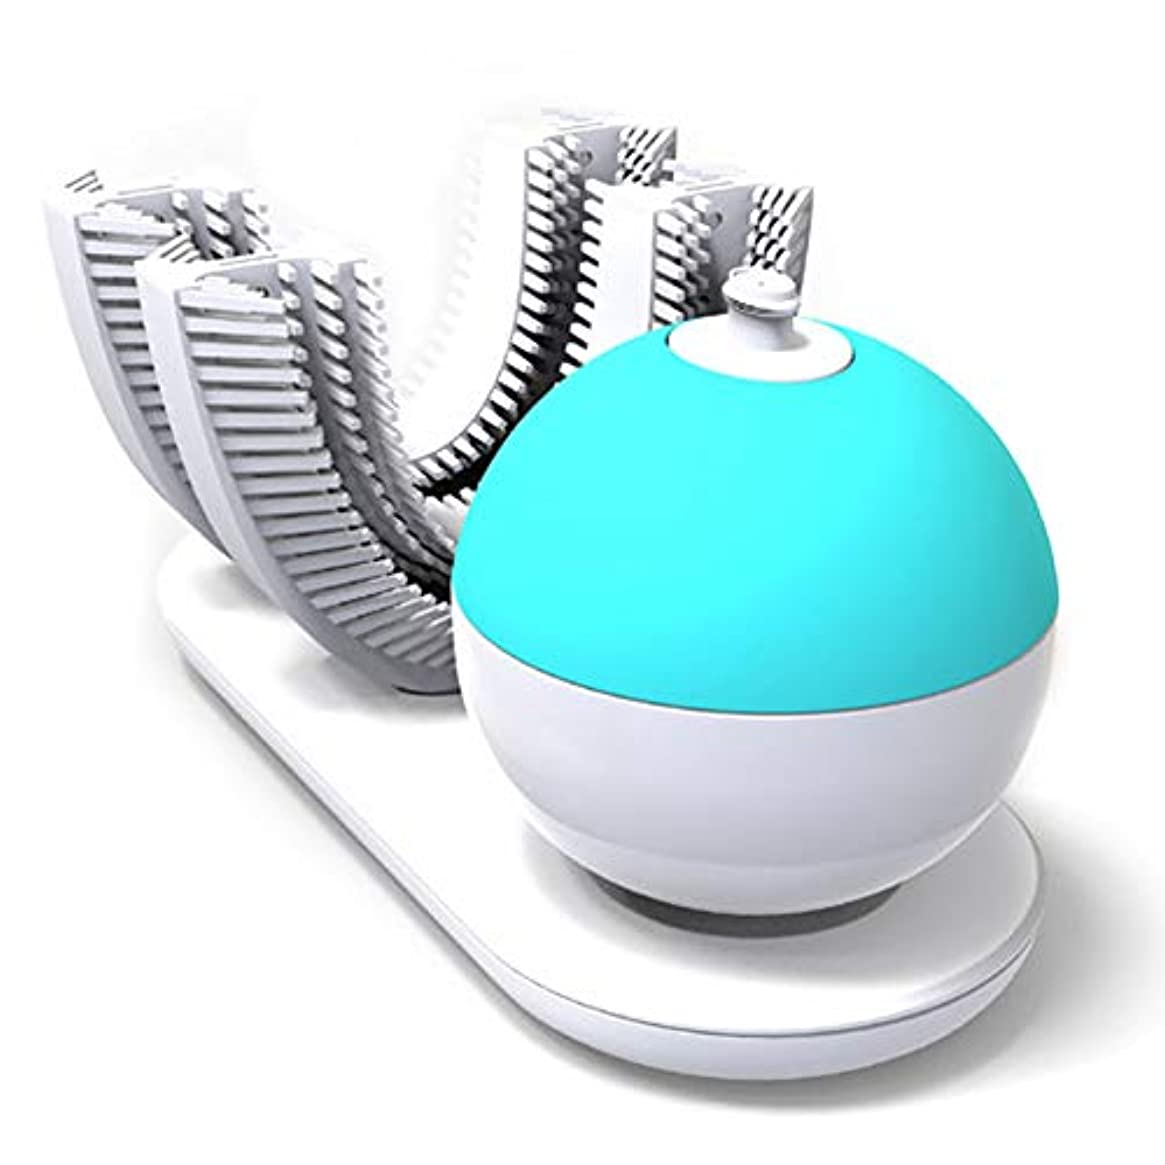 みぞれ薬用サスペンションフルオートマチック可変周波数電動歯ブラシ、自動360度U字型電動歯ブラシ、ワイヤレス充電IPX7防水自動歯ブラシ(大人用)